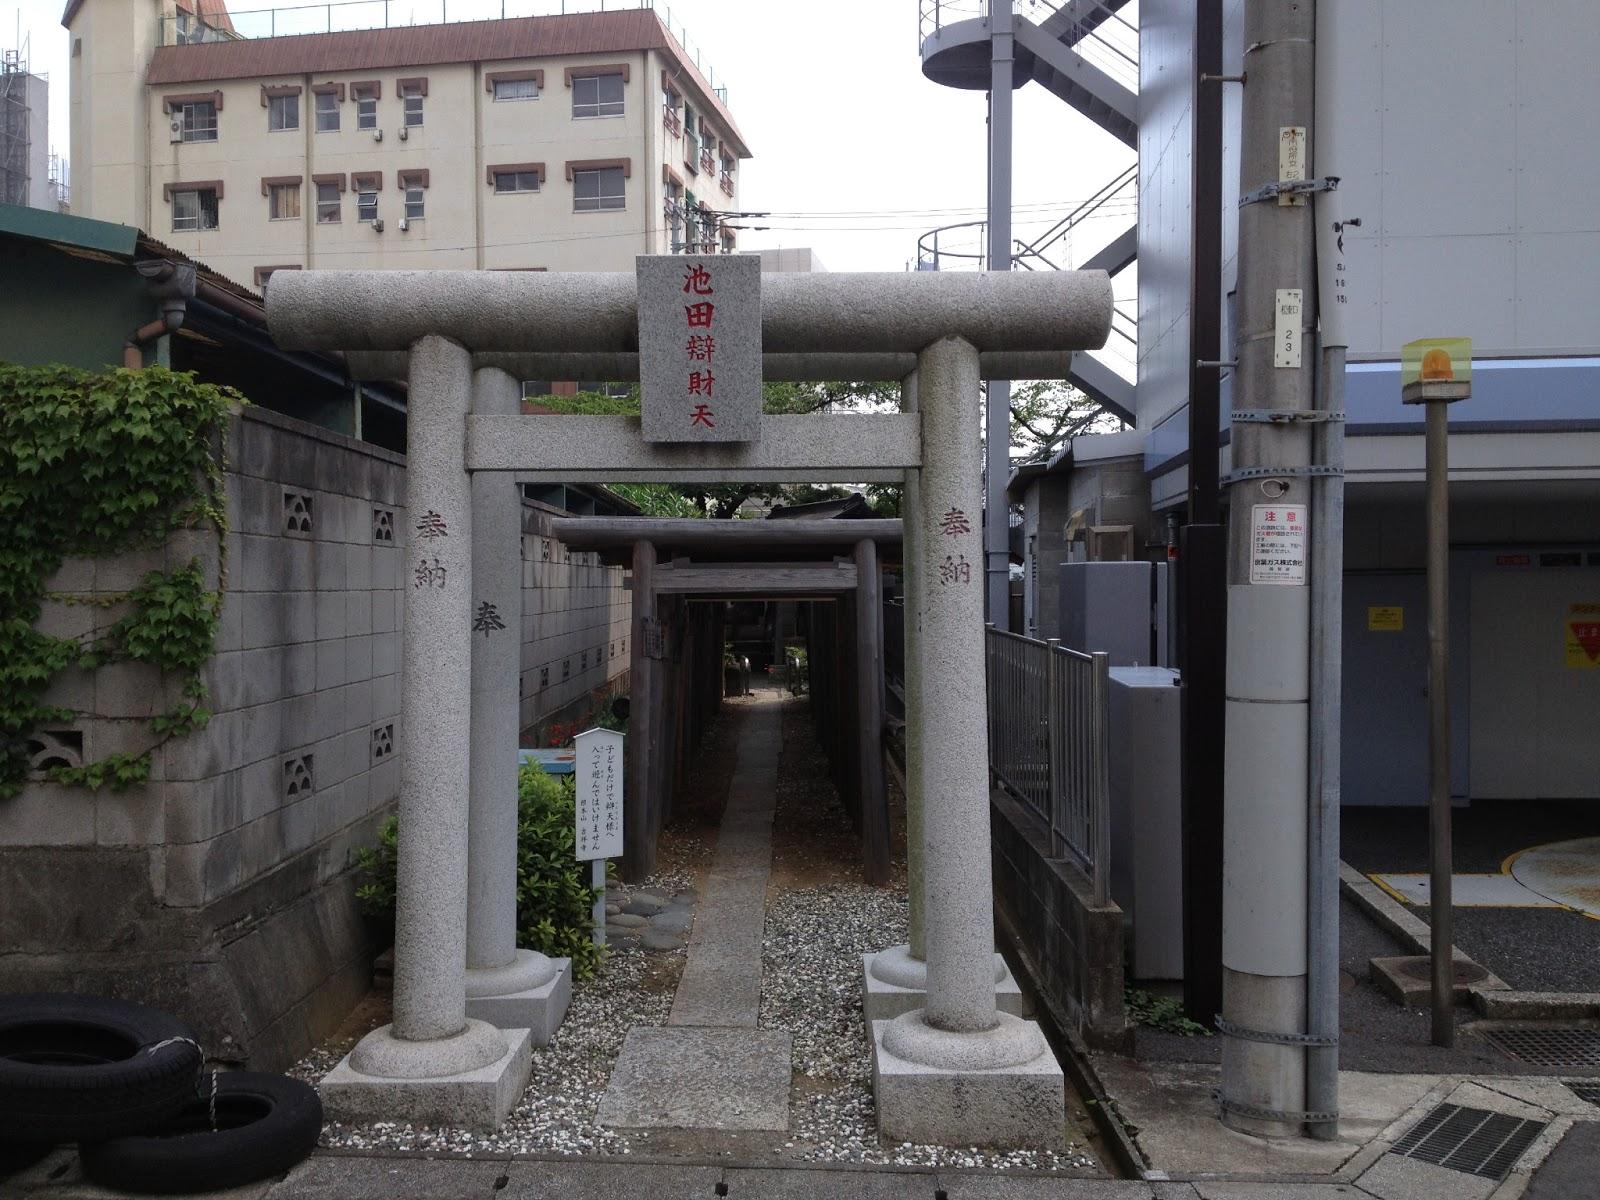 Skank in Ikeda, Osaka